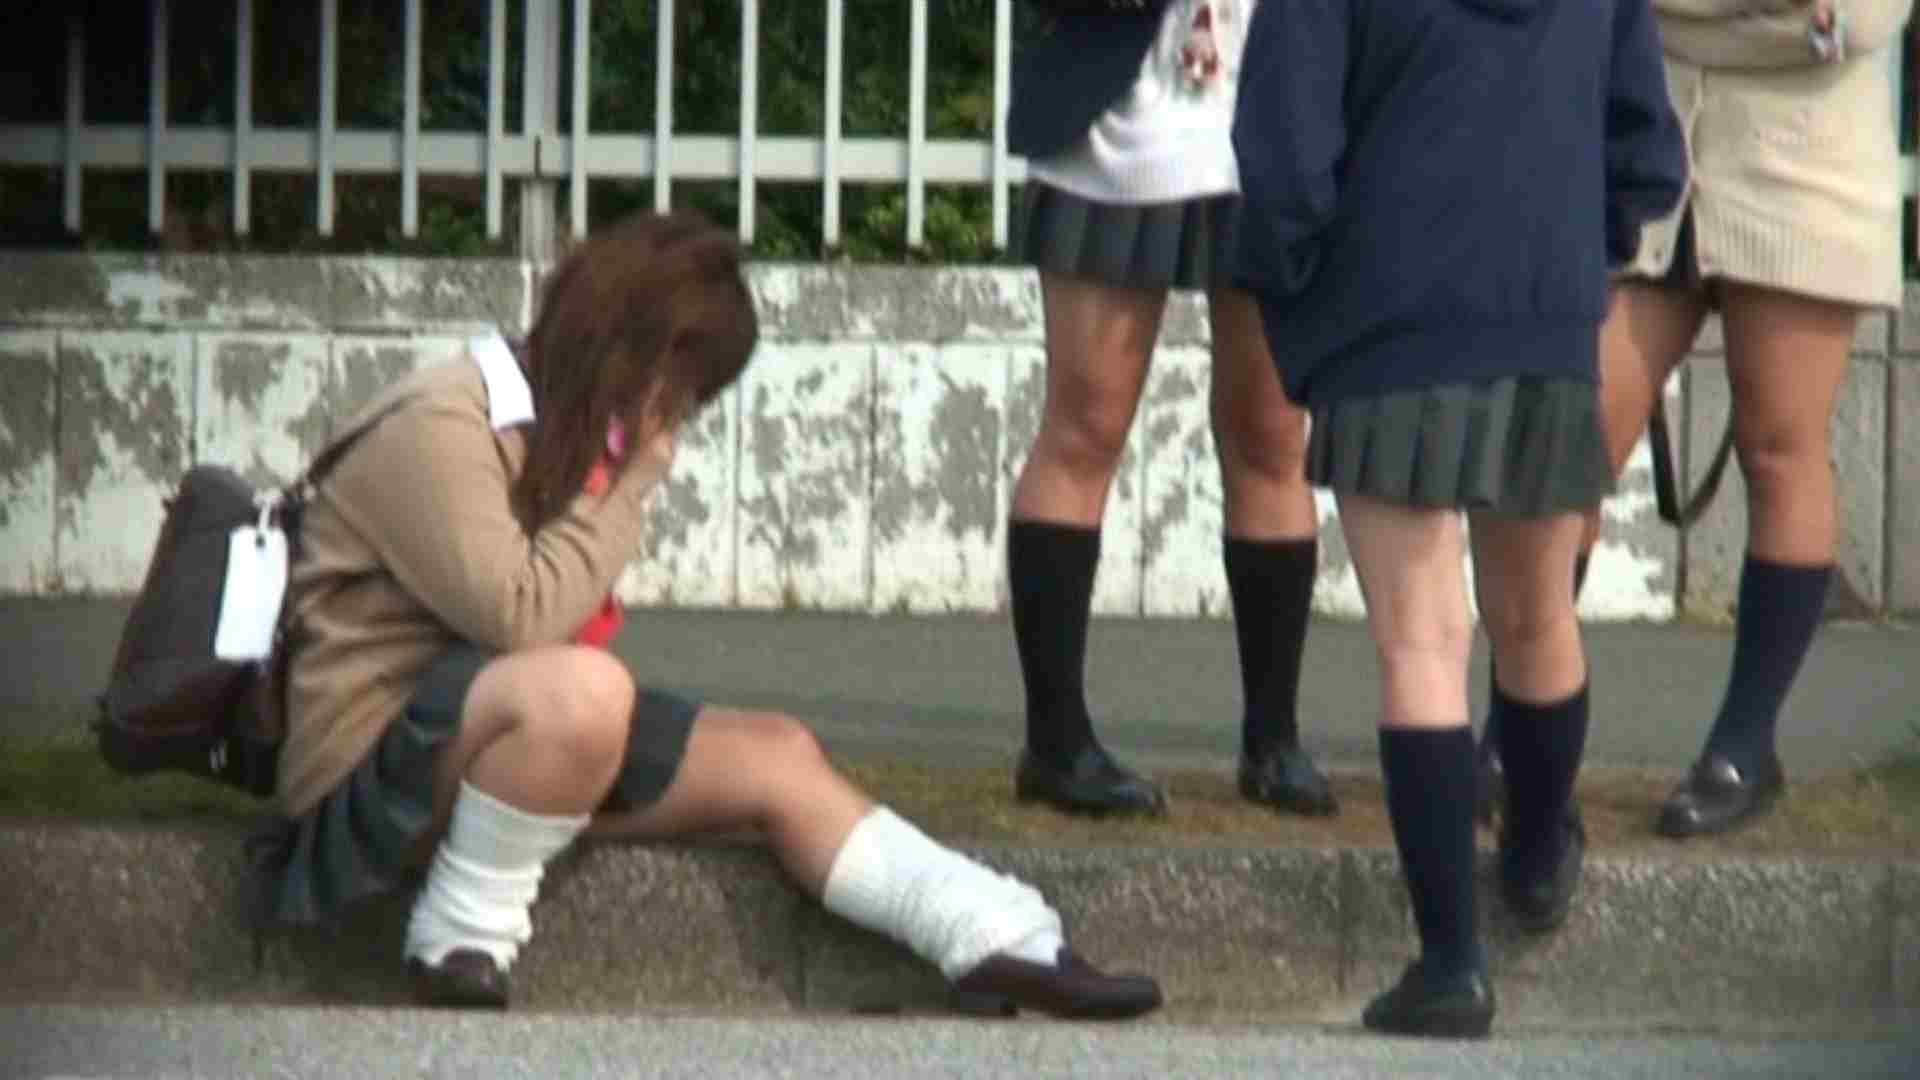 望遠パンチラNo12 学校潜伏 盗撮おまんこ無修正動画無料 97pic 33